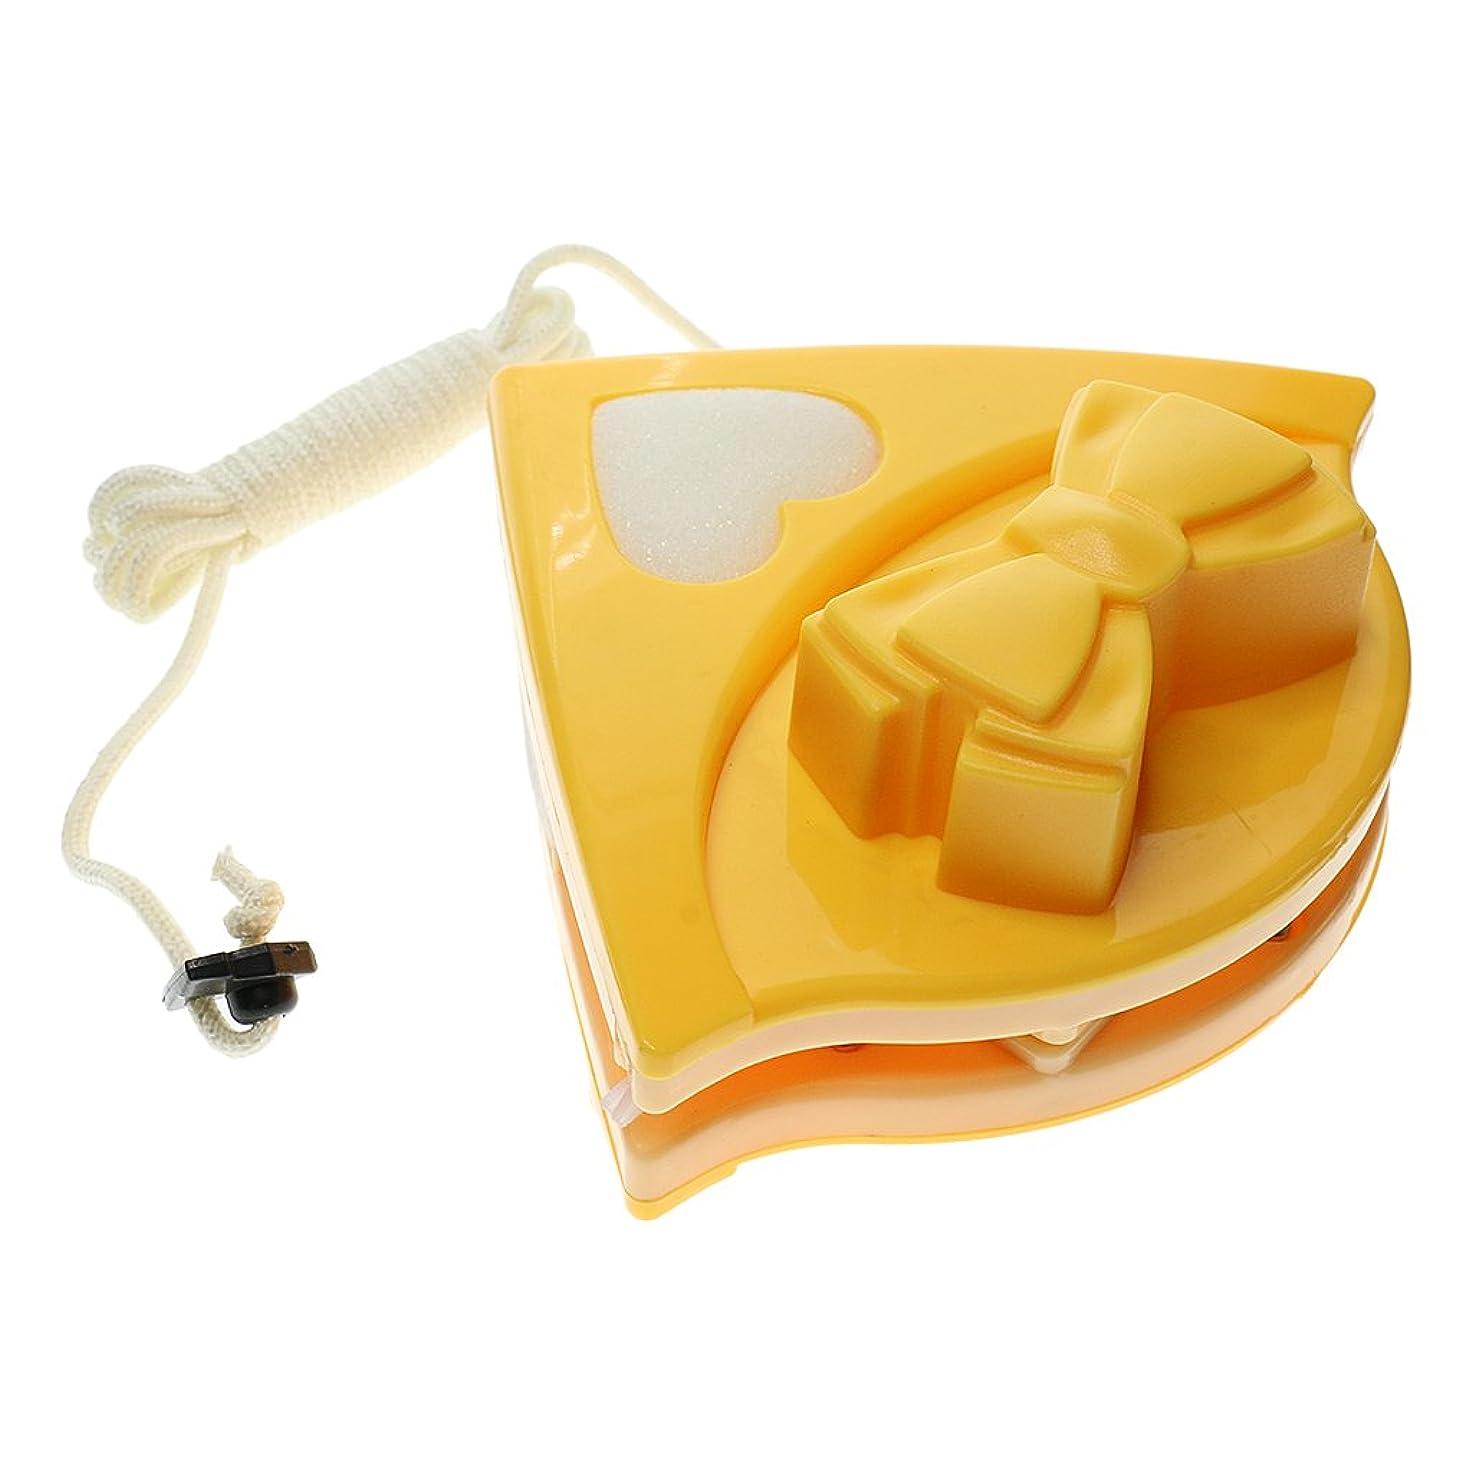 熱帯の置換誰PETSOLA ガラスワイパー クリーニングワイパー ウィンドウクリーナー ダブルサイド 便利性 掃除用品 鏡 窓に最適 - 黄色#2, 5-12mm